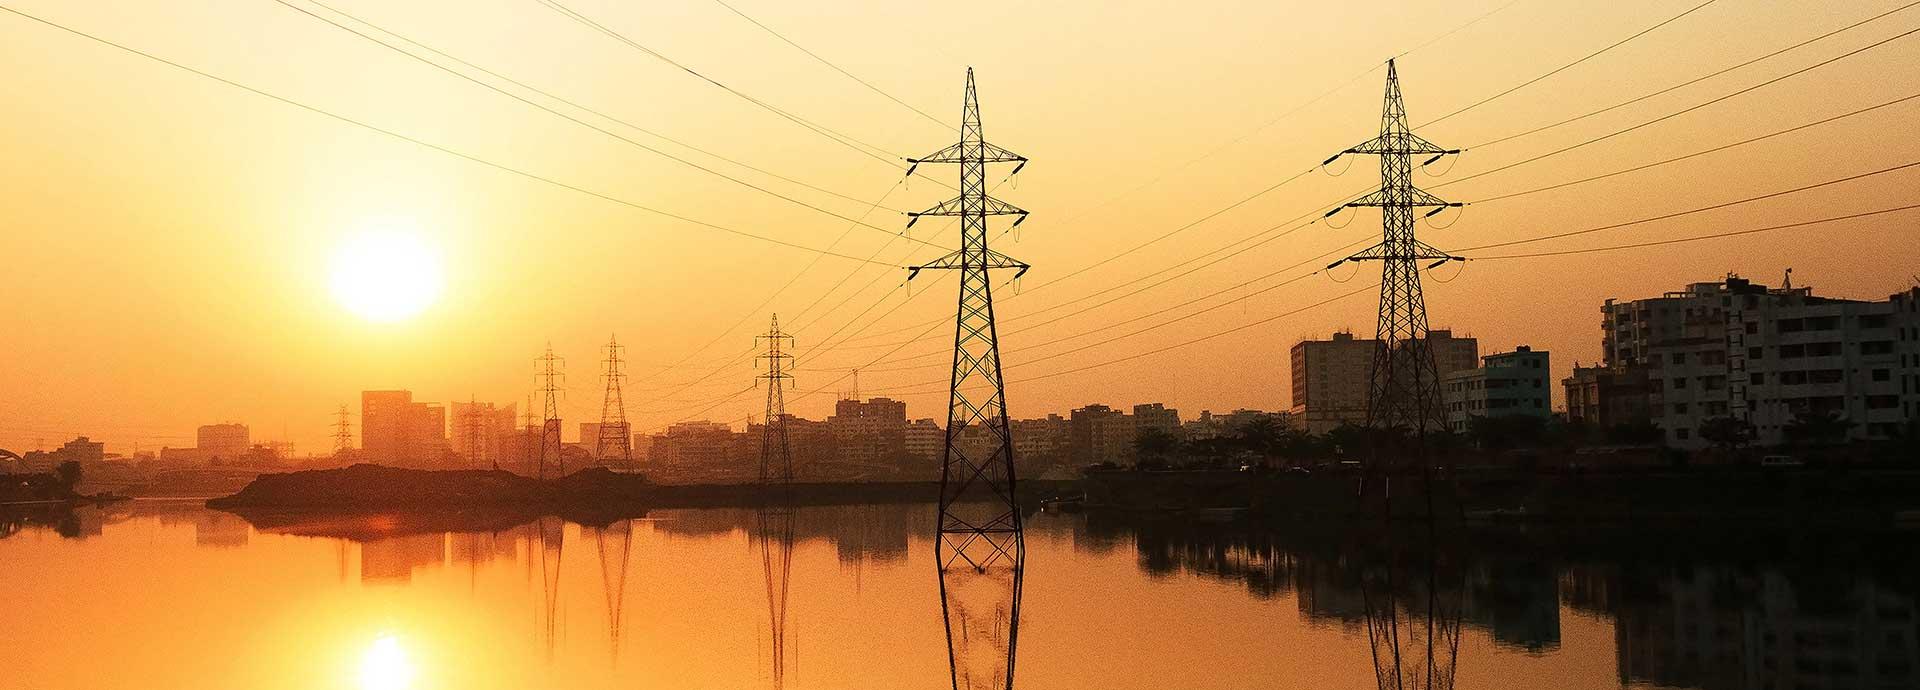 Powering Bangladesh